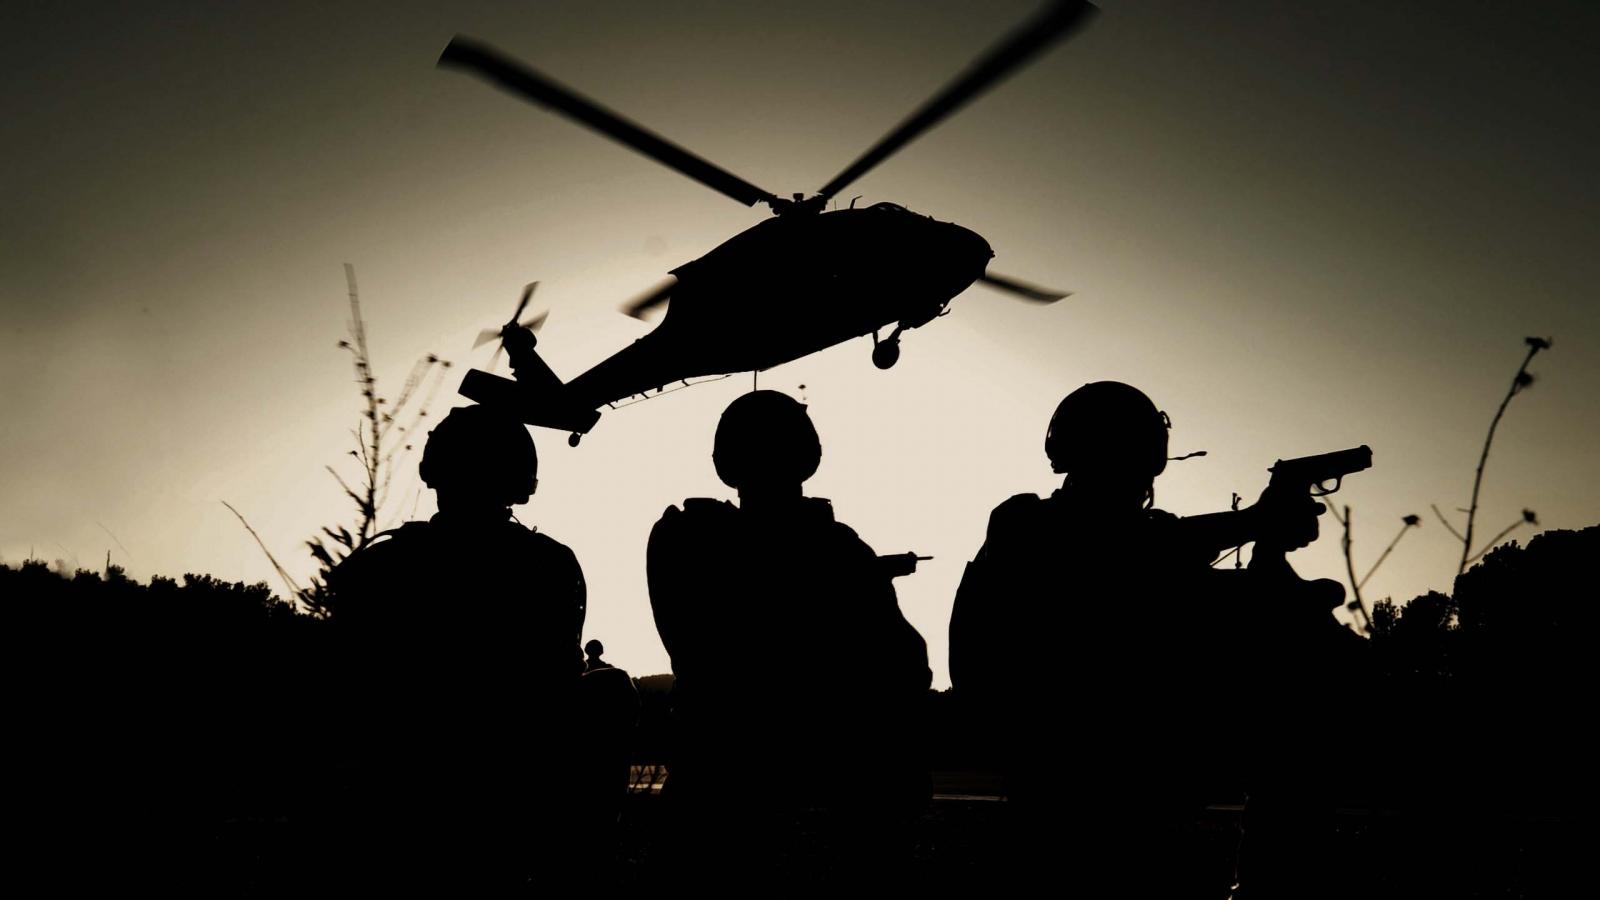 Fotografía de soldados - 1600x900